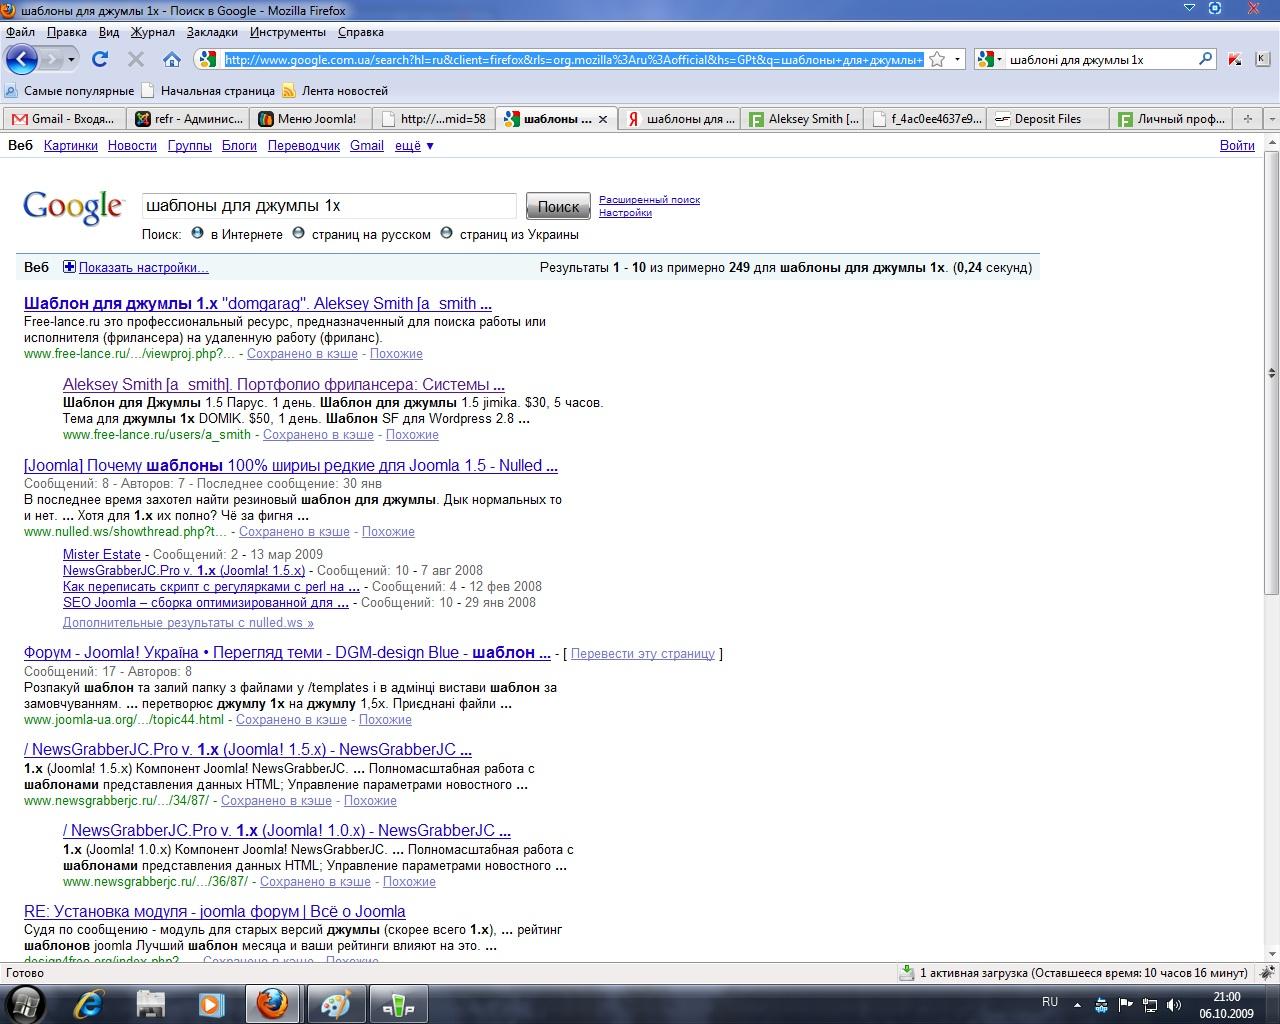 Личный профиль в Гугл ТОП 3